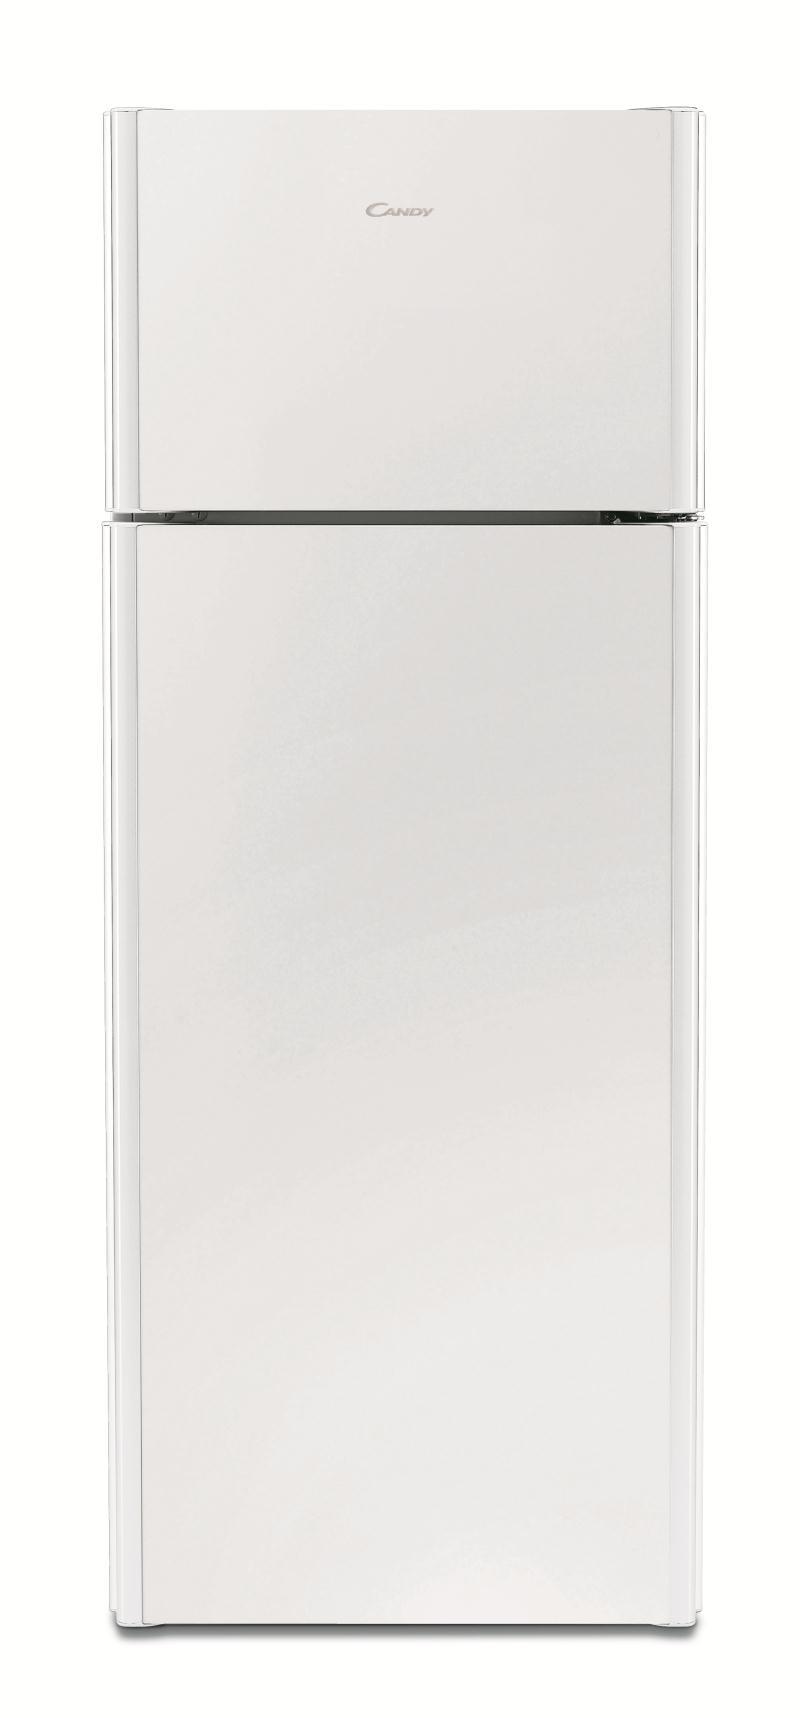 Photo Réfrigérateur Candy 2 portes CKDS5142W